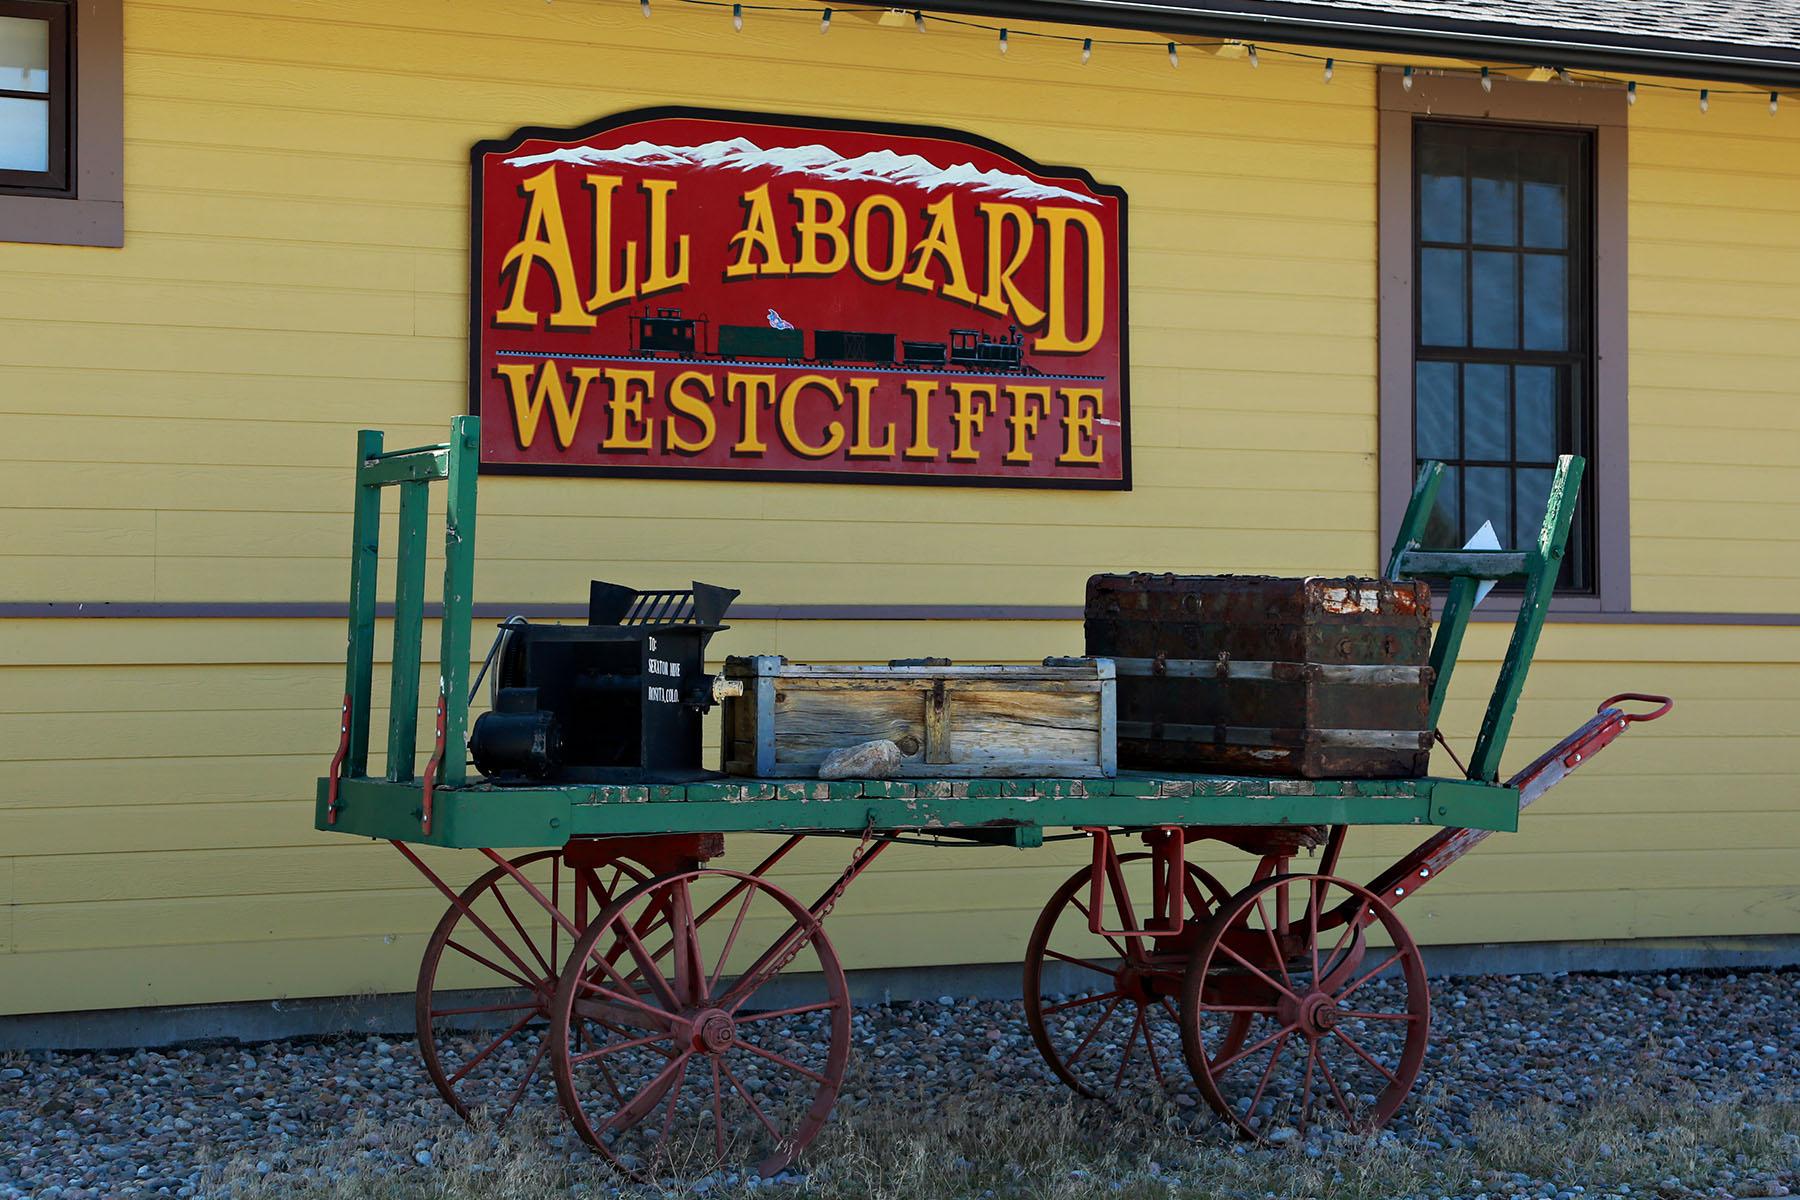 All Aboard Westcliffe